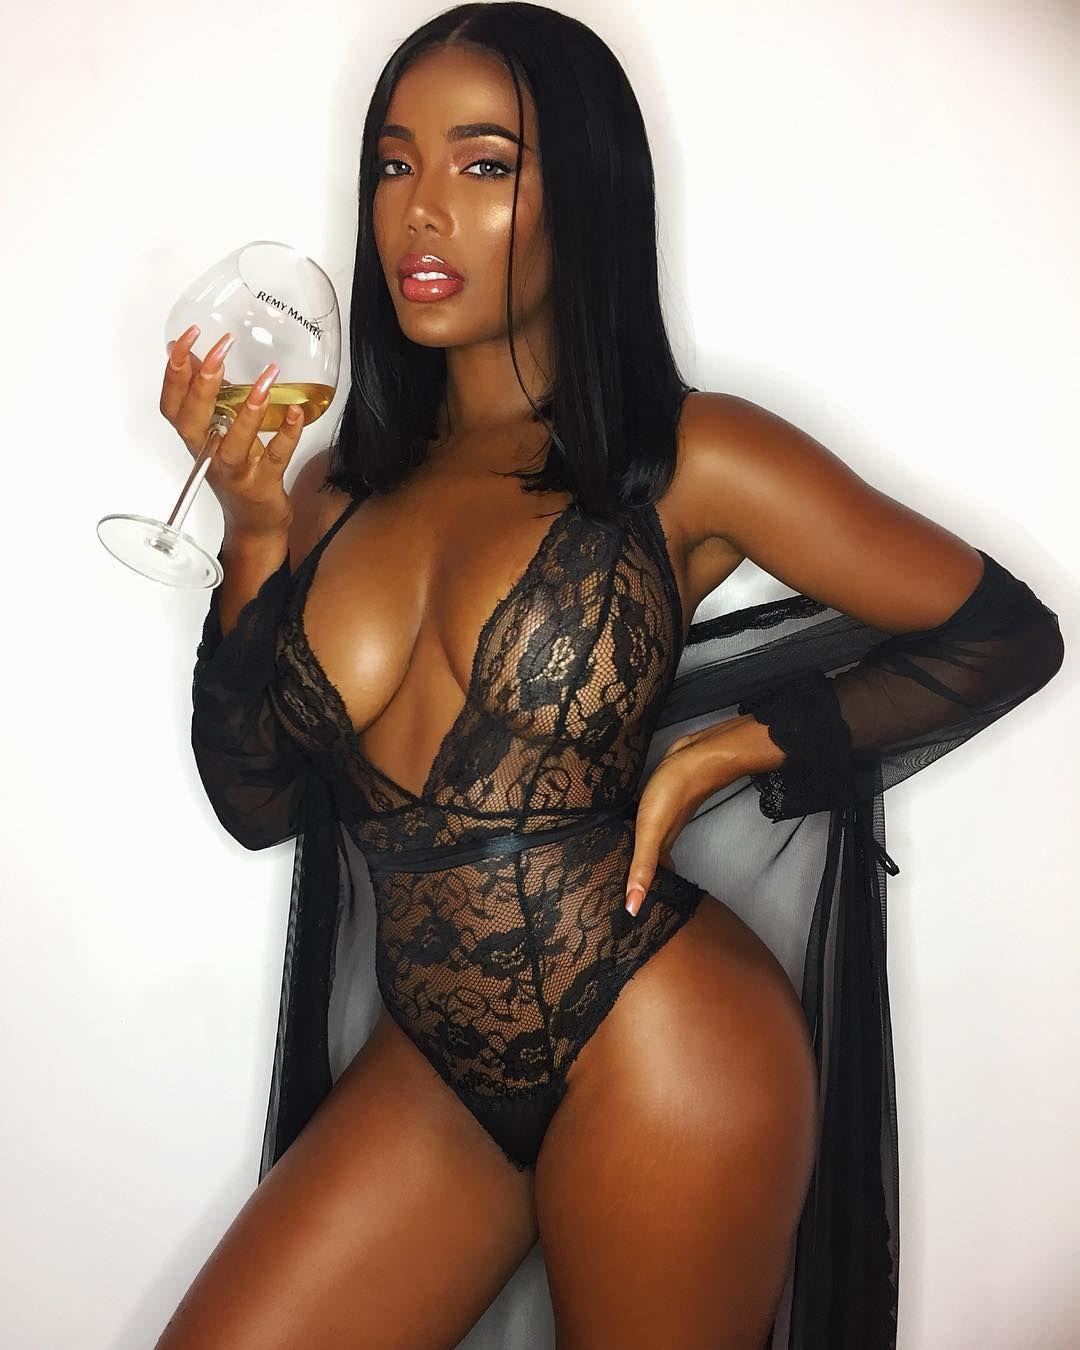 Beautiful Black Women By Ben Franco On Monifa Jansen  I -1222